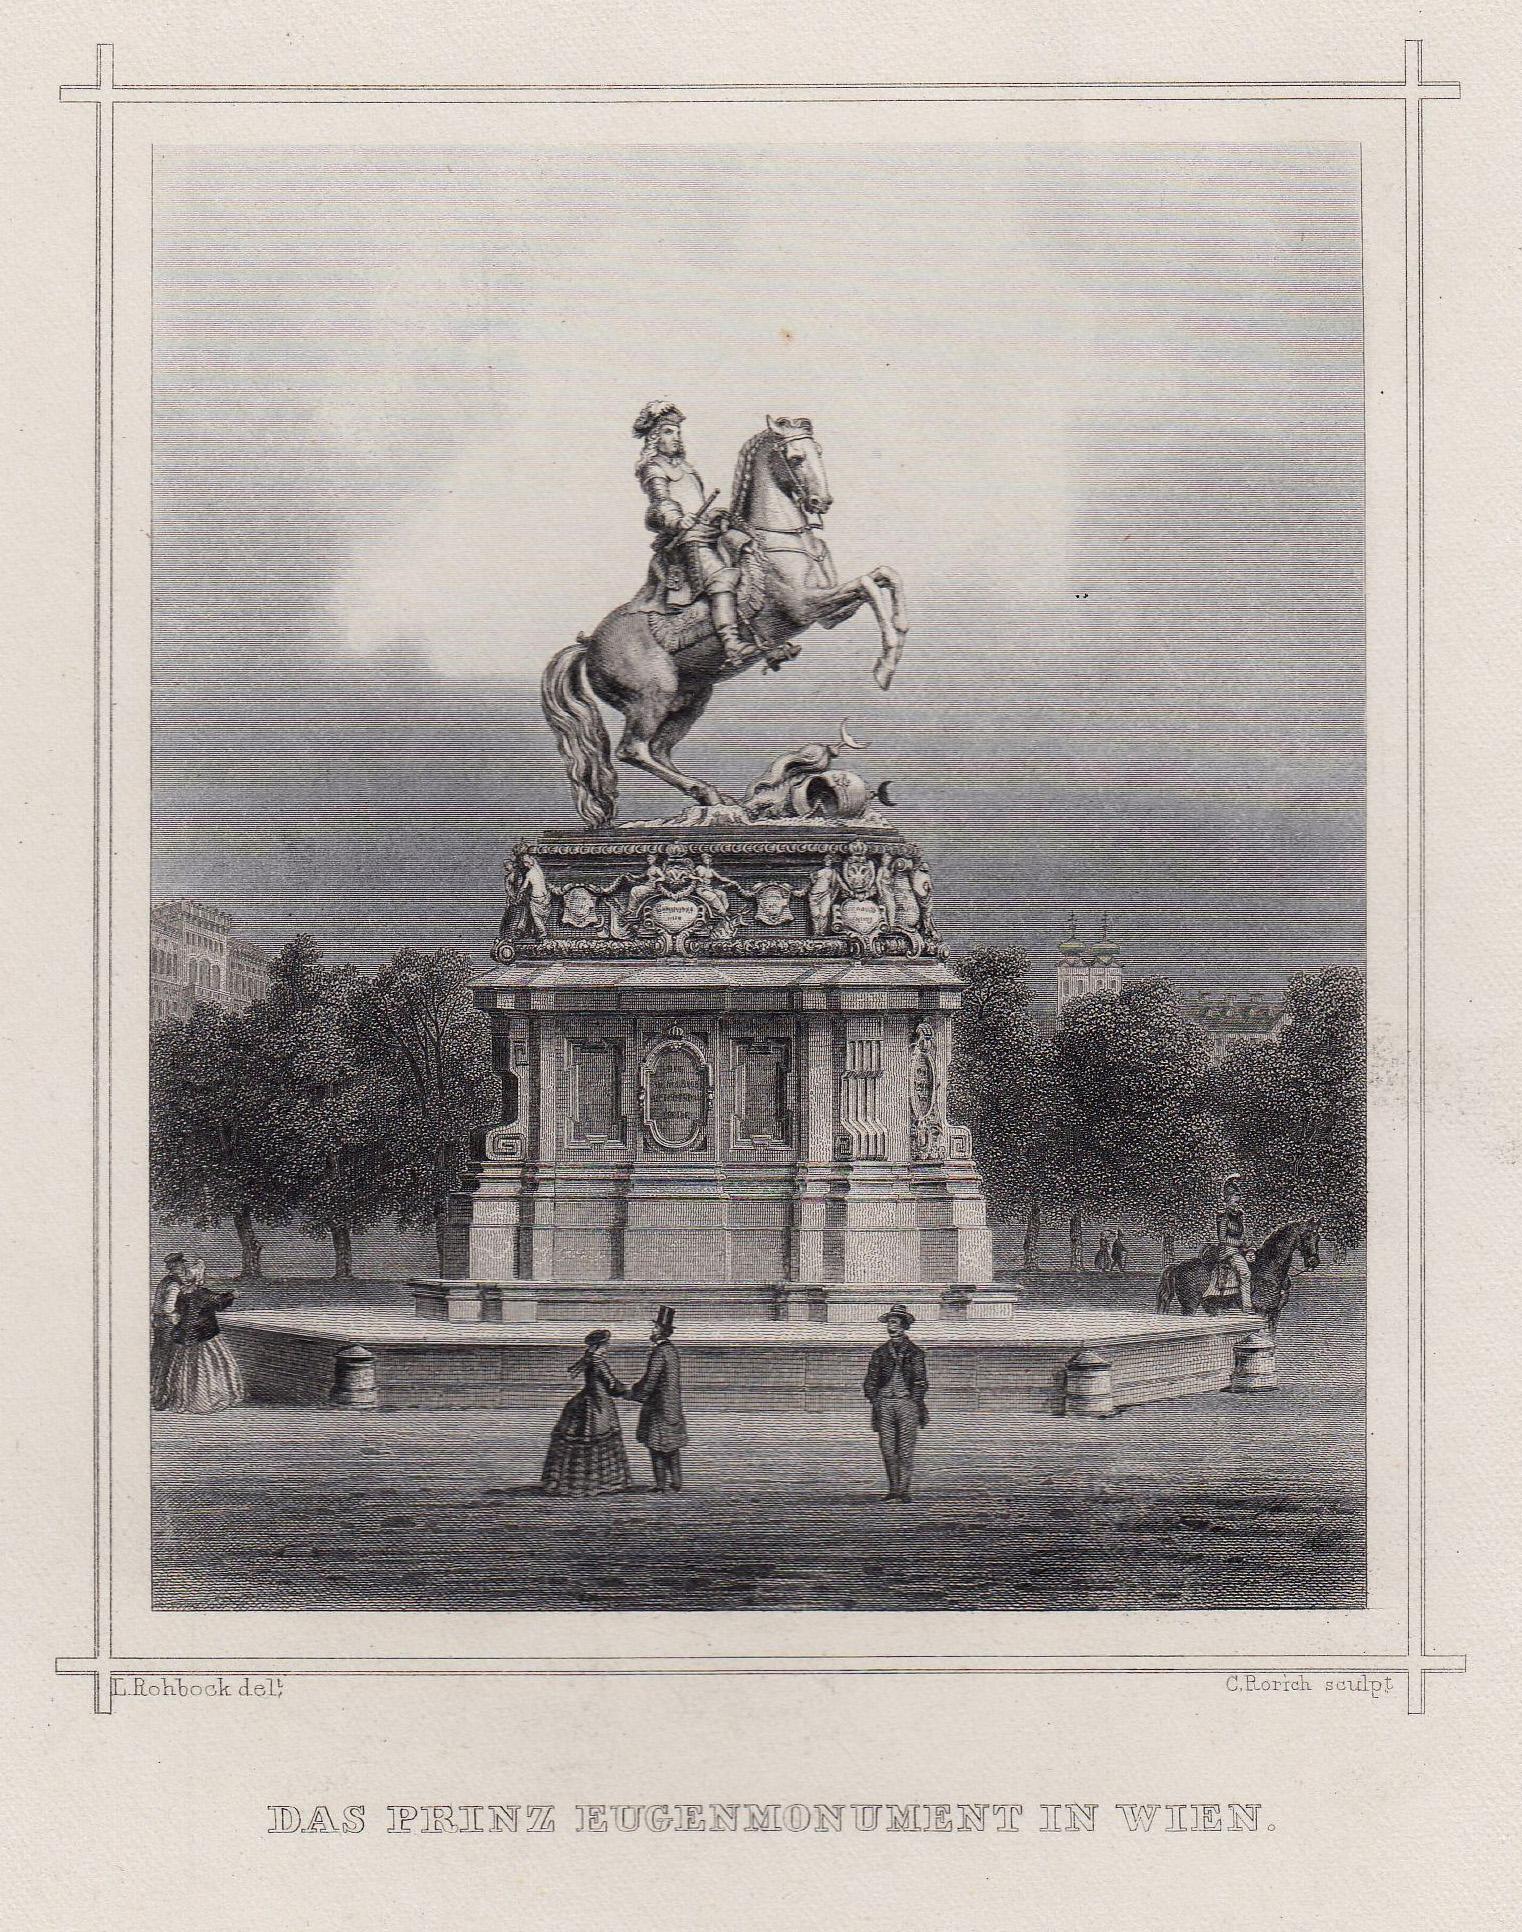 TA., Denkmal, des Prinzen Eugen.: Wien ( Vienna